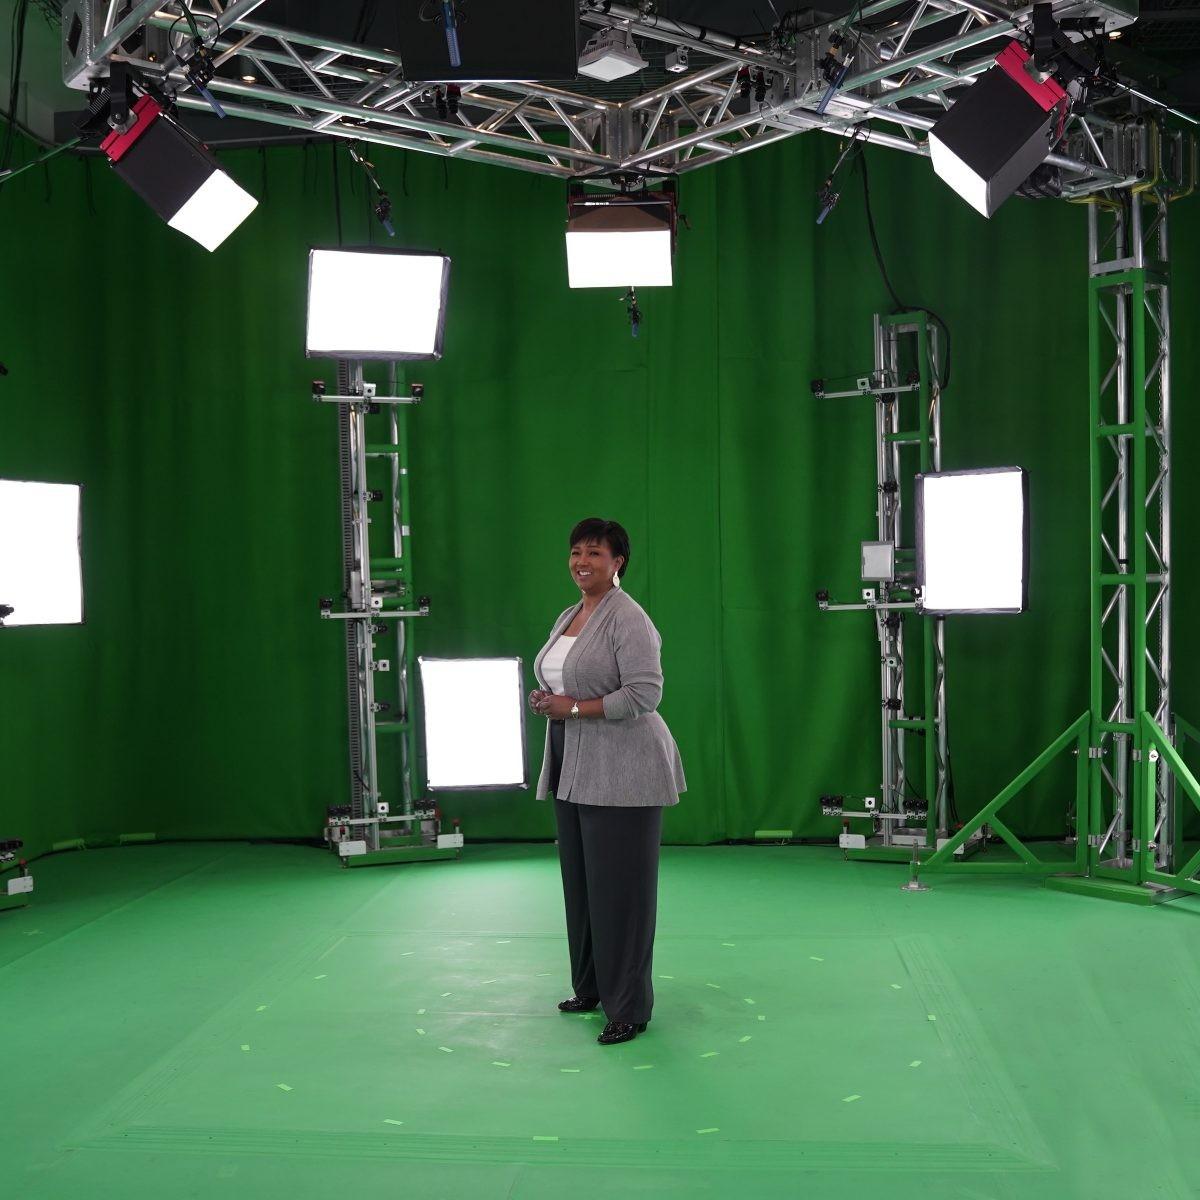 Mae Jemison participa de gravação em estúdio da microsoft, uma das primeiras etapas para produzir o holograma. (Foto: Brandon Kaiser/Microsoft/Divulgação)